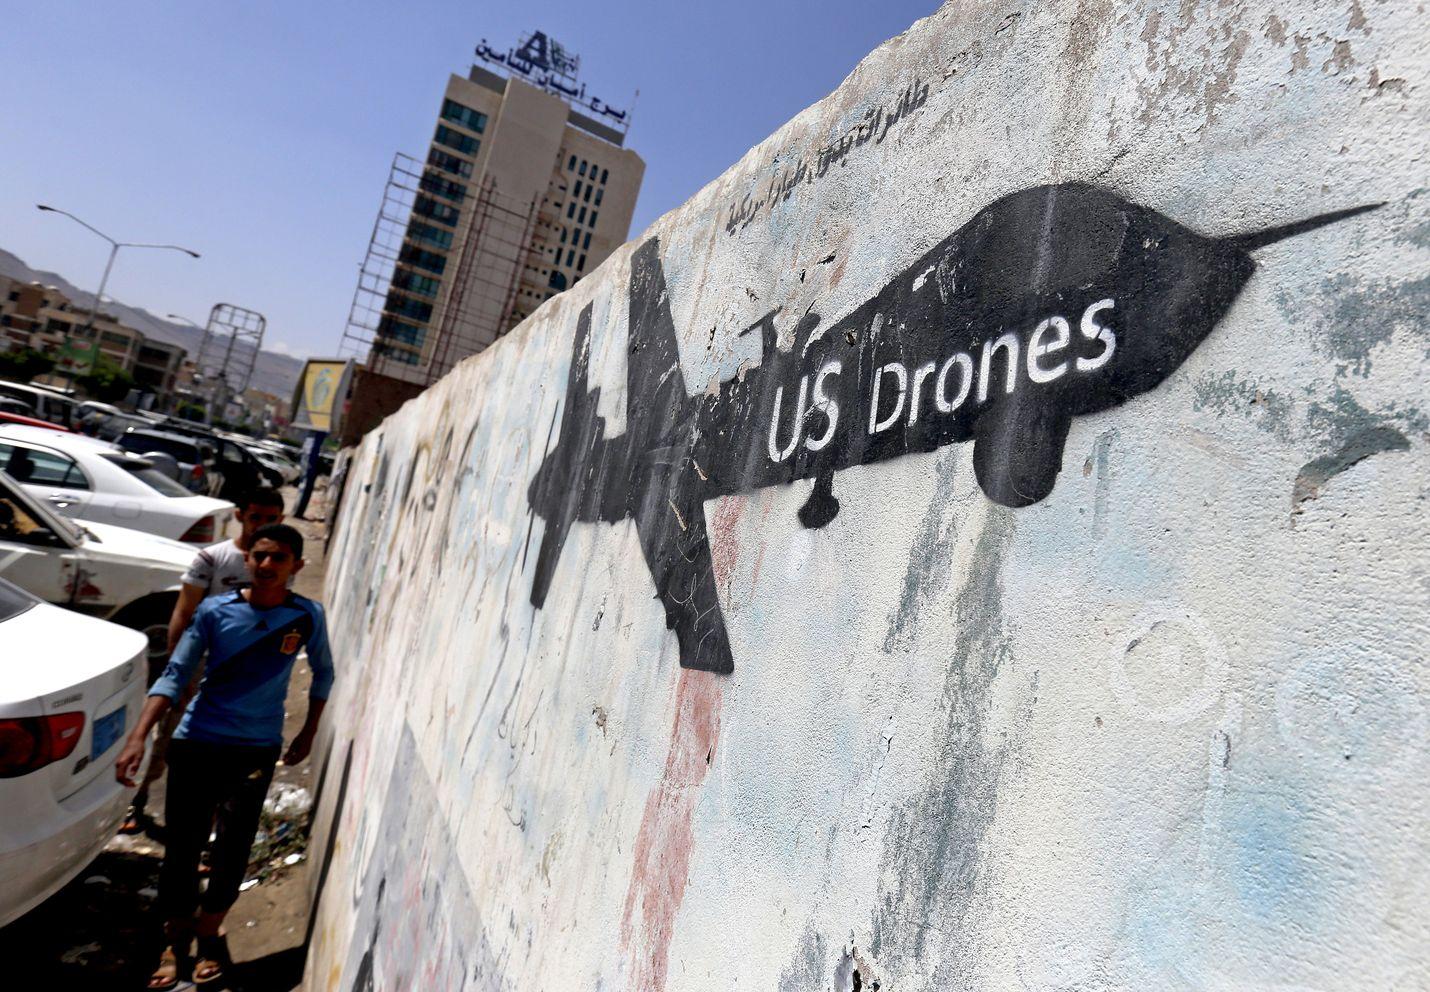 Yhdysvallat käytti sotilasoperaatioissaan Isisiä vastaan miehittämättömiä lennokkeja, jollainen on maalattu jemeniläiseen muuriin. Tällaiset aseet voivat toimia tekoälyn varassa.